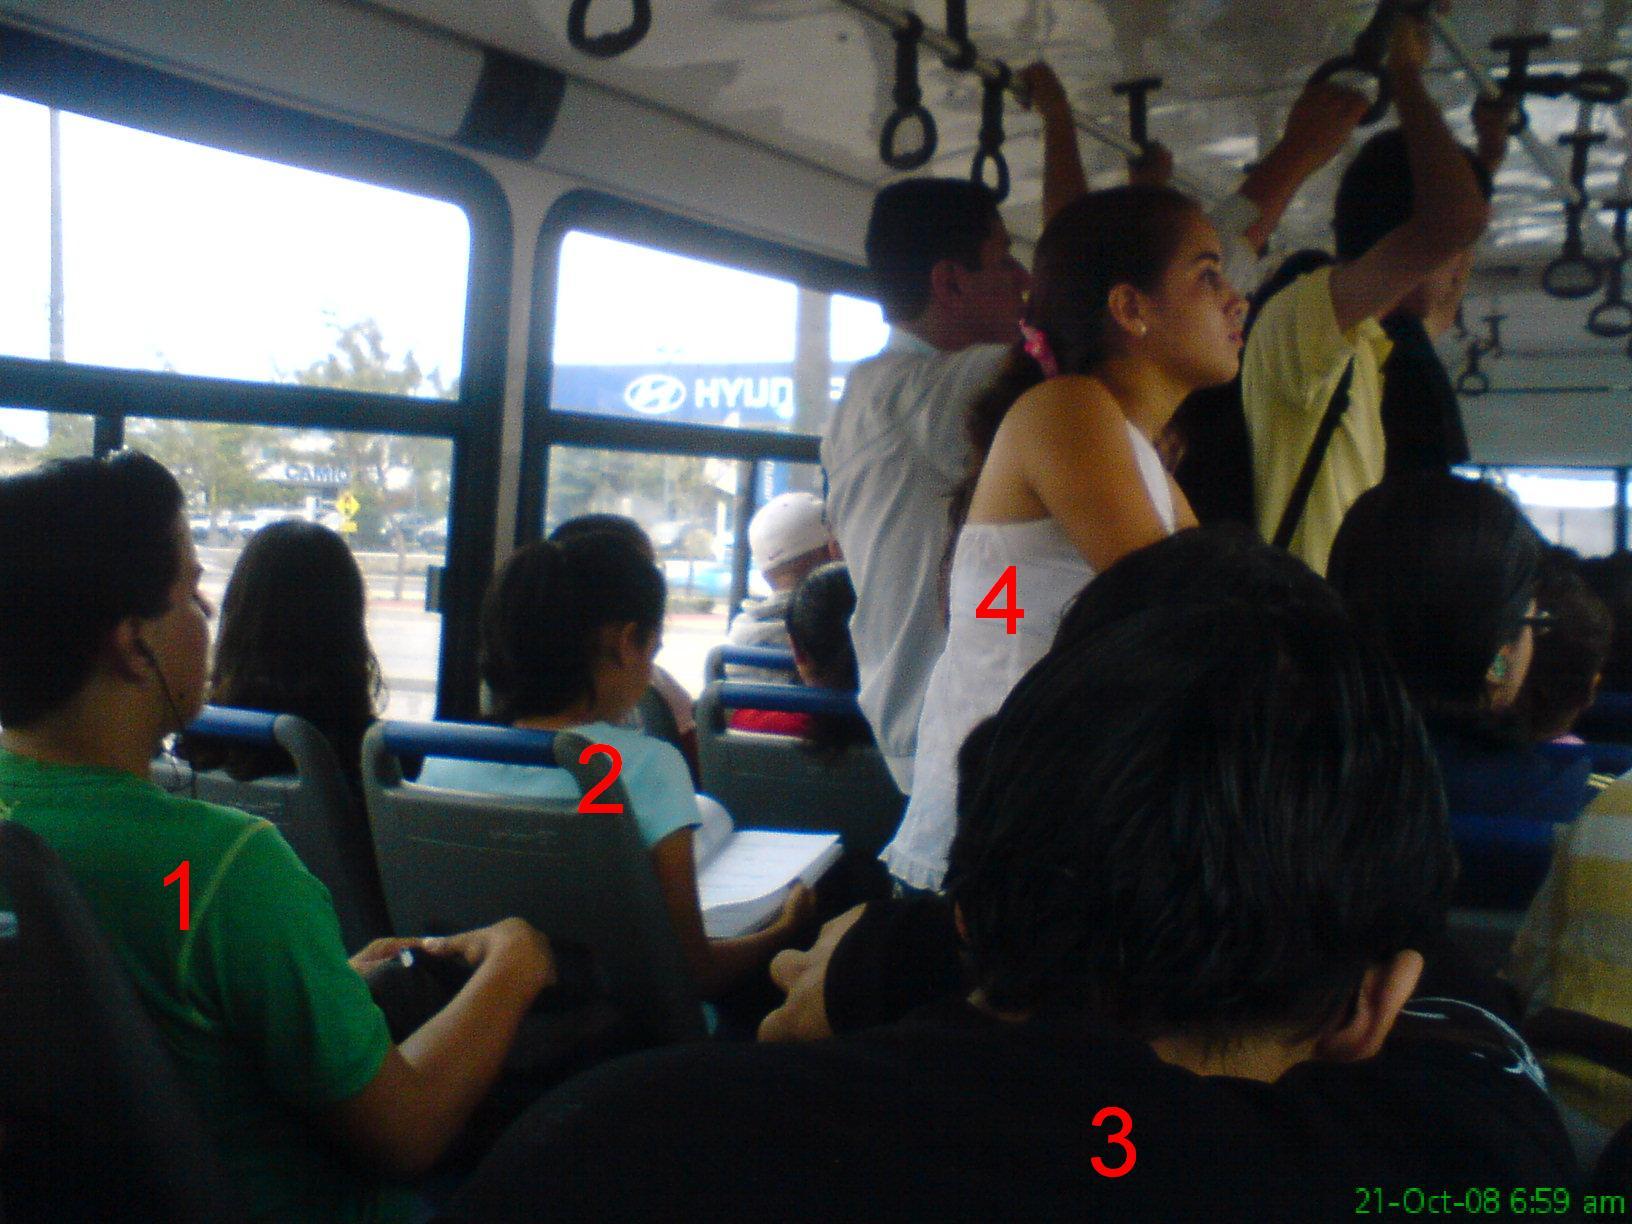 Clasificación de Estudiantes Politécnicos en el Bus